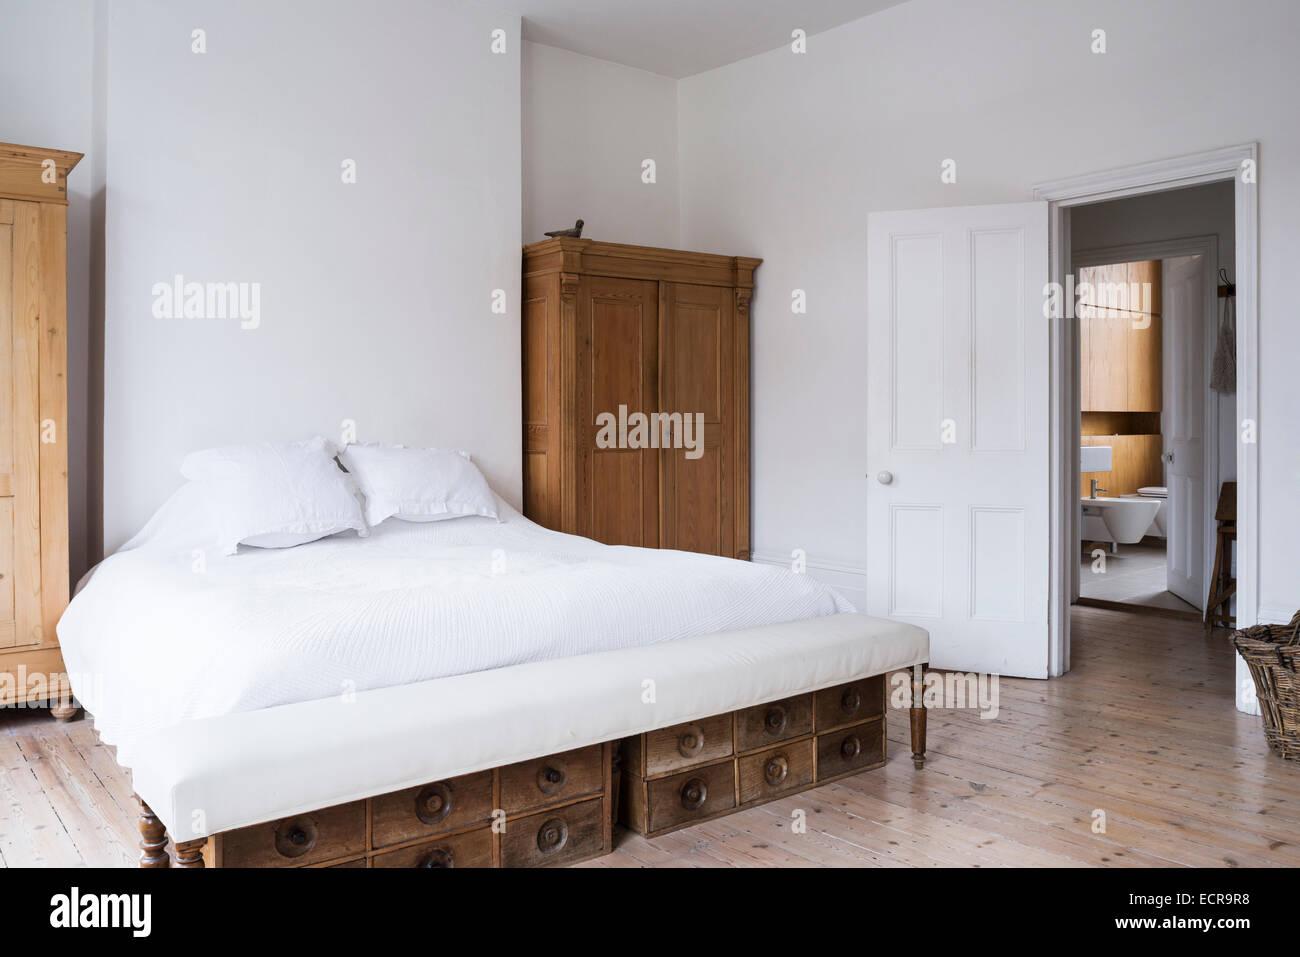 Camere Da Letto Bianche : Camera da letto moderna ante bombate bianco a stazione kijiji